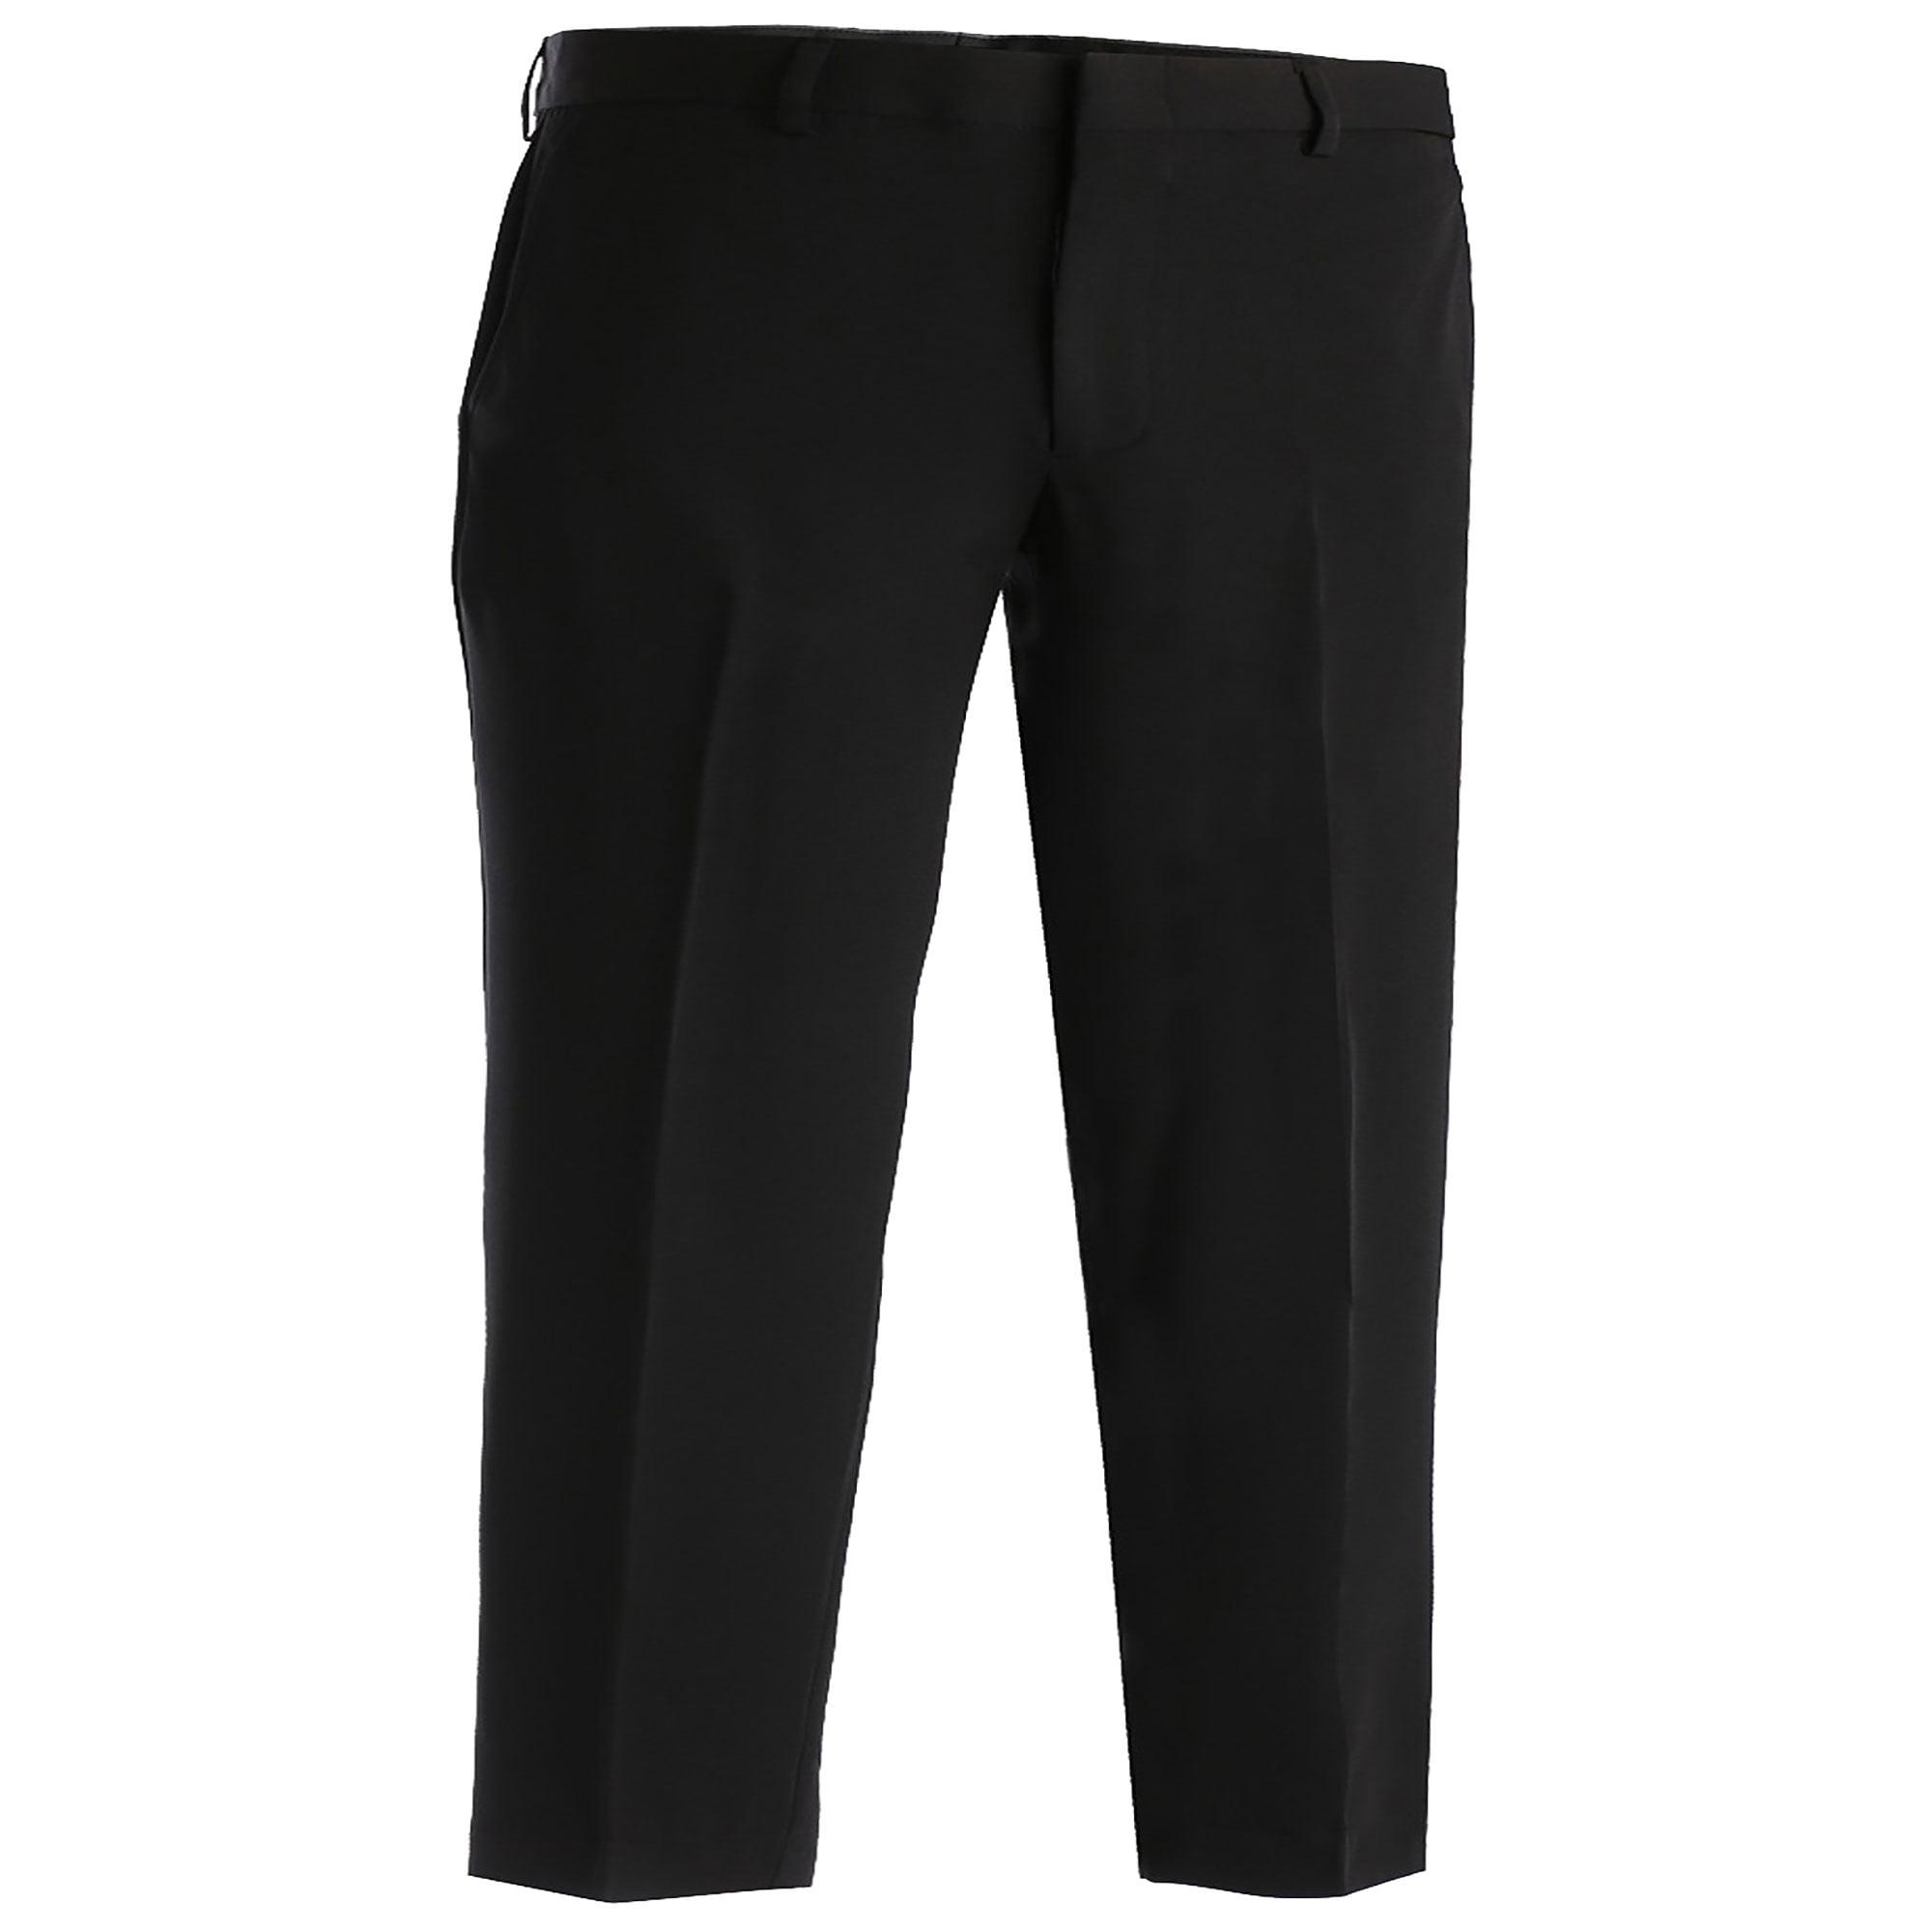 Edwards Garment Men's Classic Flat Front Trouser Pant, St...